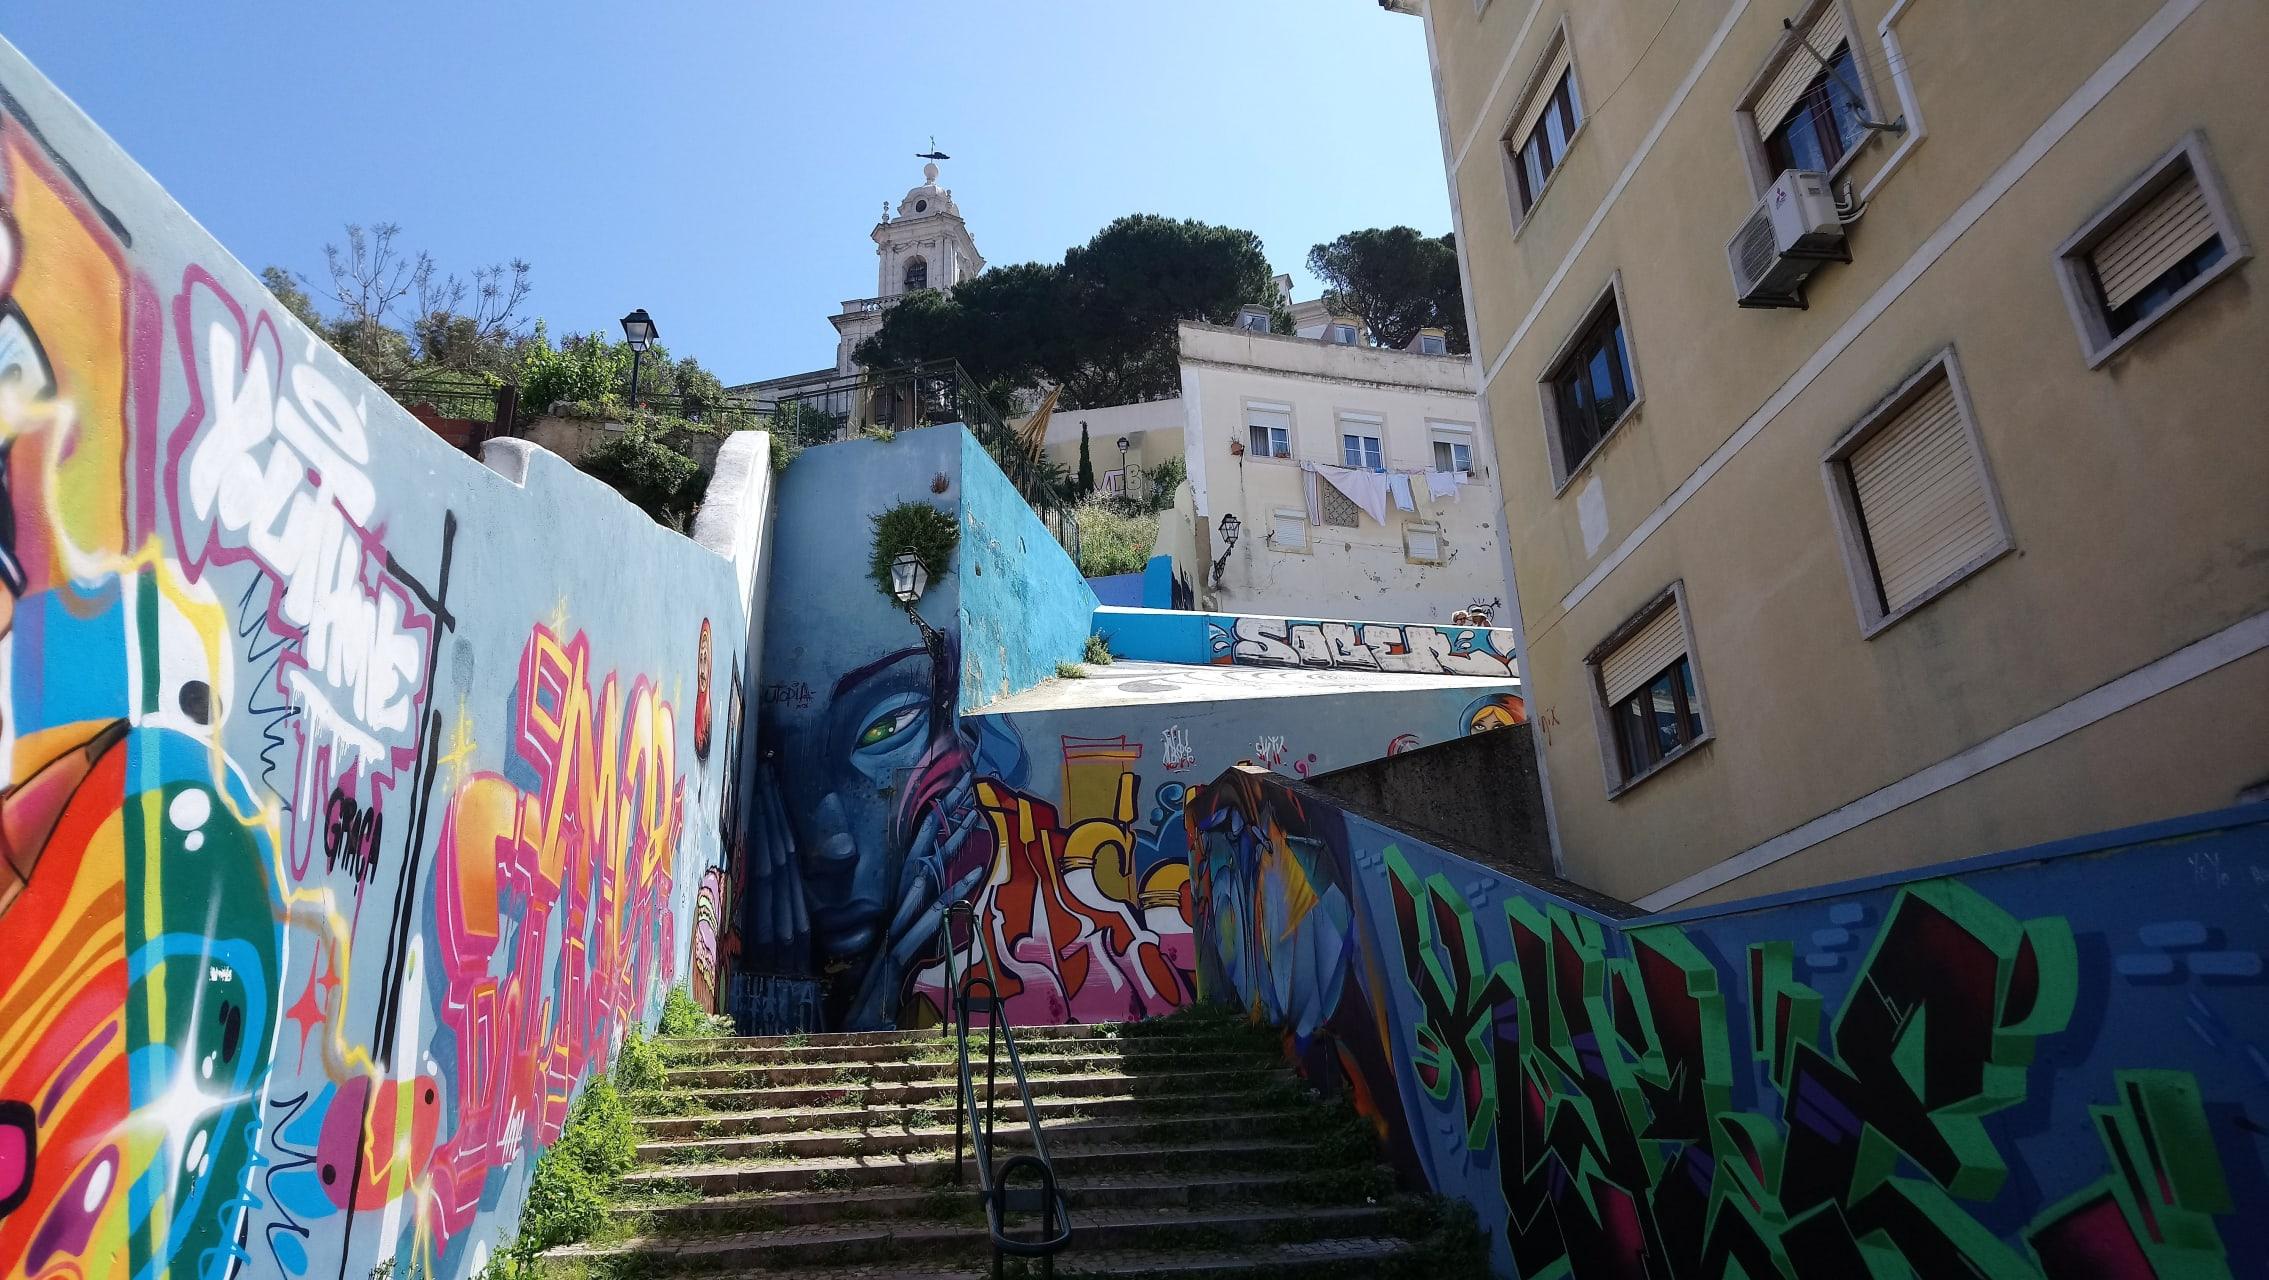 Lisbon - Discover Lisbon's Stunning Street Art